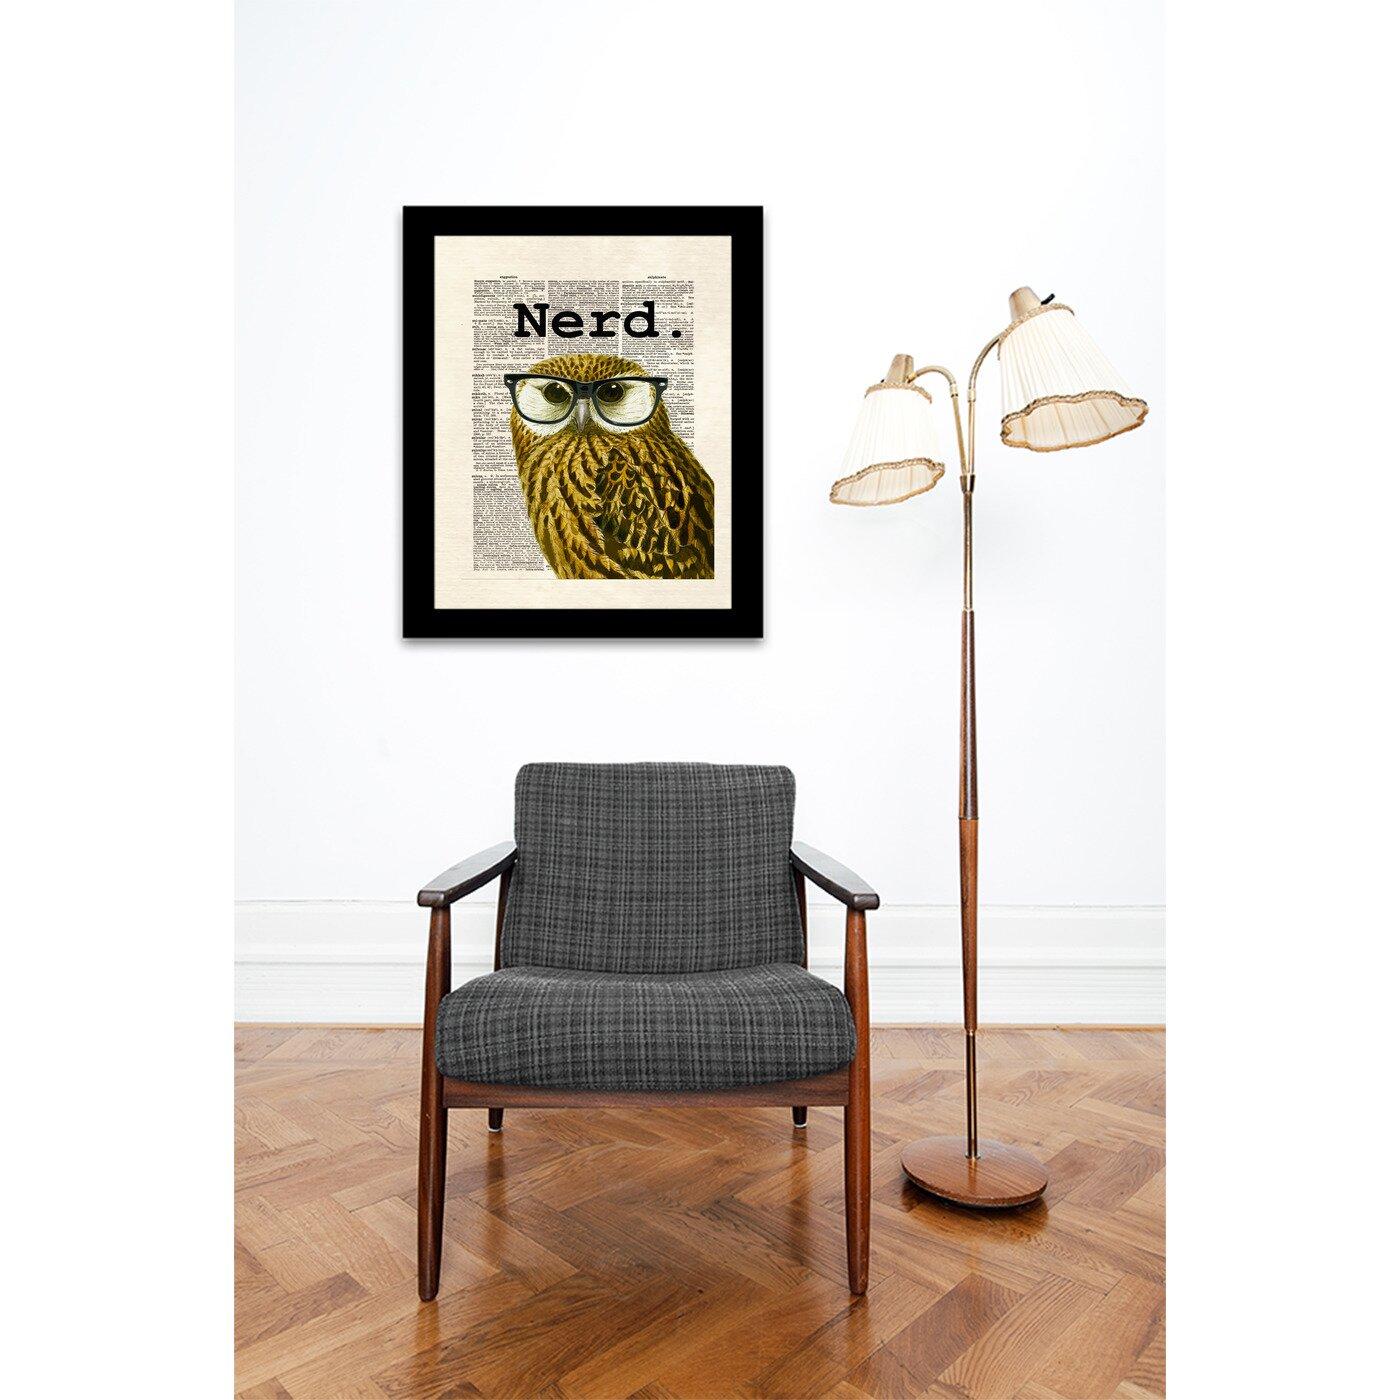 East Urban Home Owl Nerd By Matt Dinniman Framed Graphic Art Reviews Wayfair